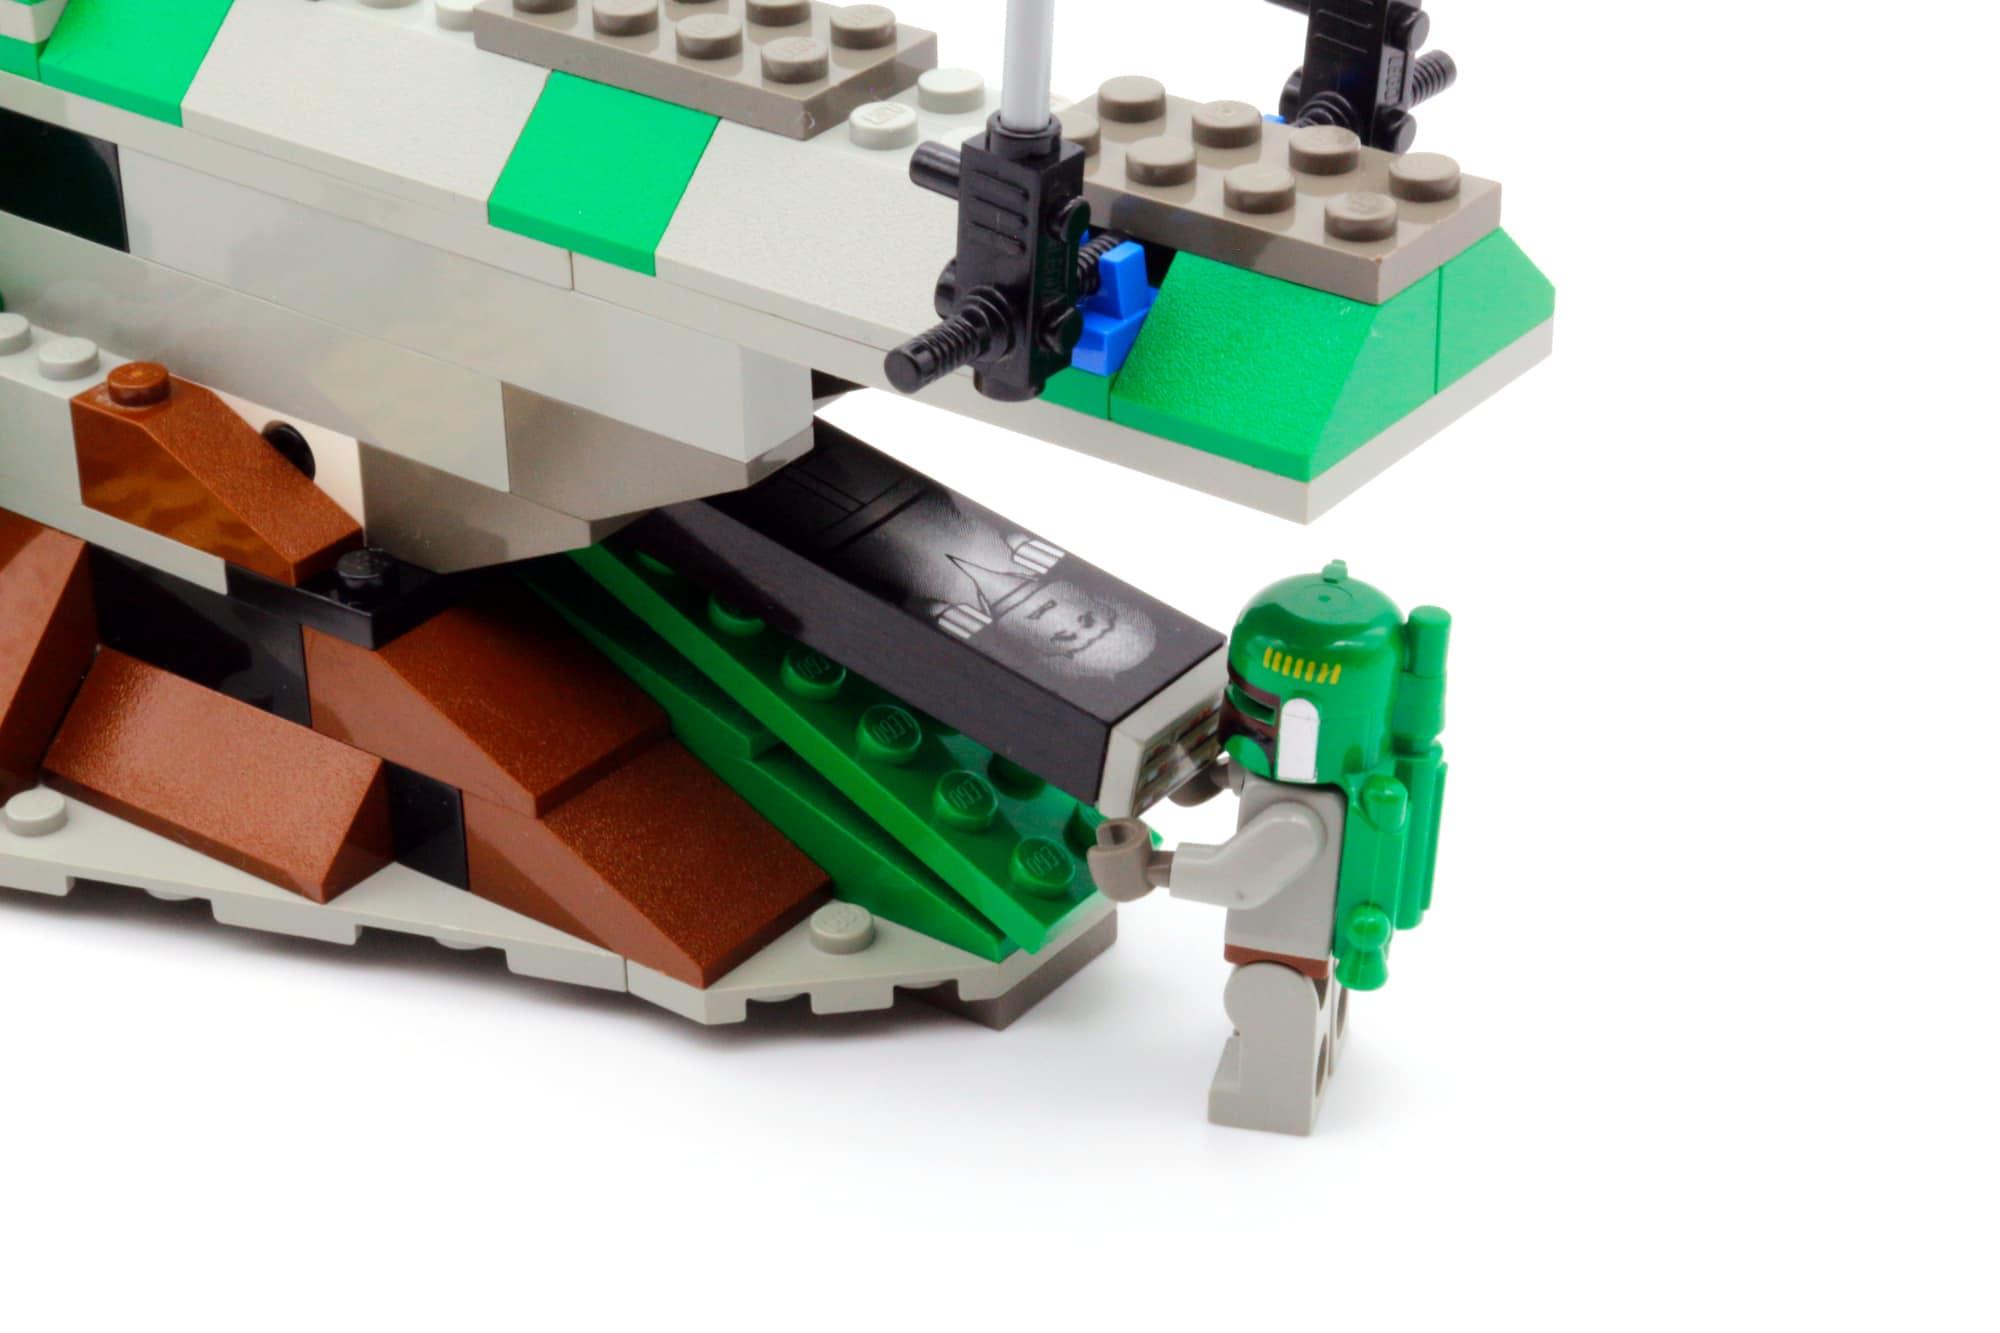 LEGO Star Wars 75312 Boba Fetts Starship 30